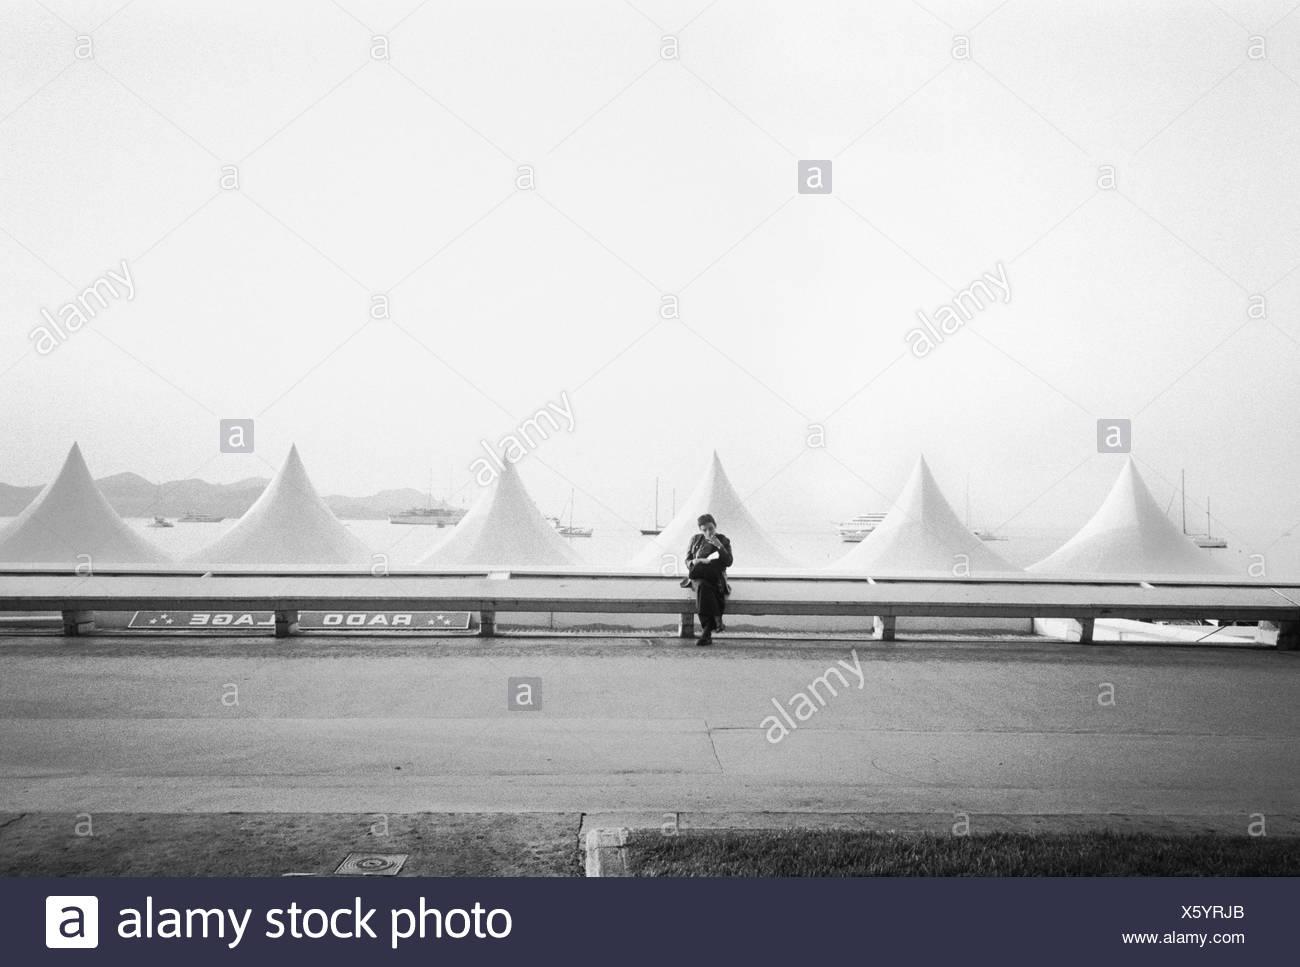 Frankreich, Französische Riviera, Cannes,  Strandzelte, Cannes Film Festival, Person,  s/w no model release außen, Department Alpes-Maritimes, Kurbad, Seebad, Promenade, Uferpromenade, Strandpromenade, Meer, Mittelmeer, Kurort, Besucher, Geländer, Zelte, Strand, Strandfest, Filmfest, Veranstaltung, - Stock Image